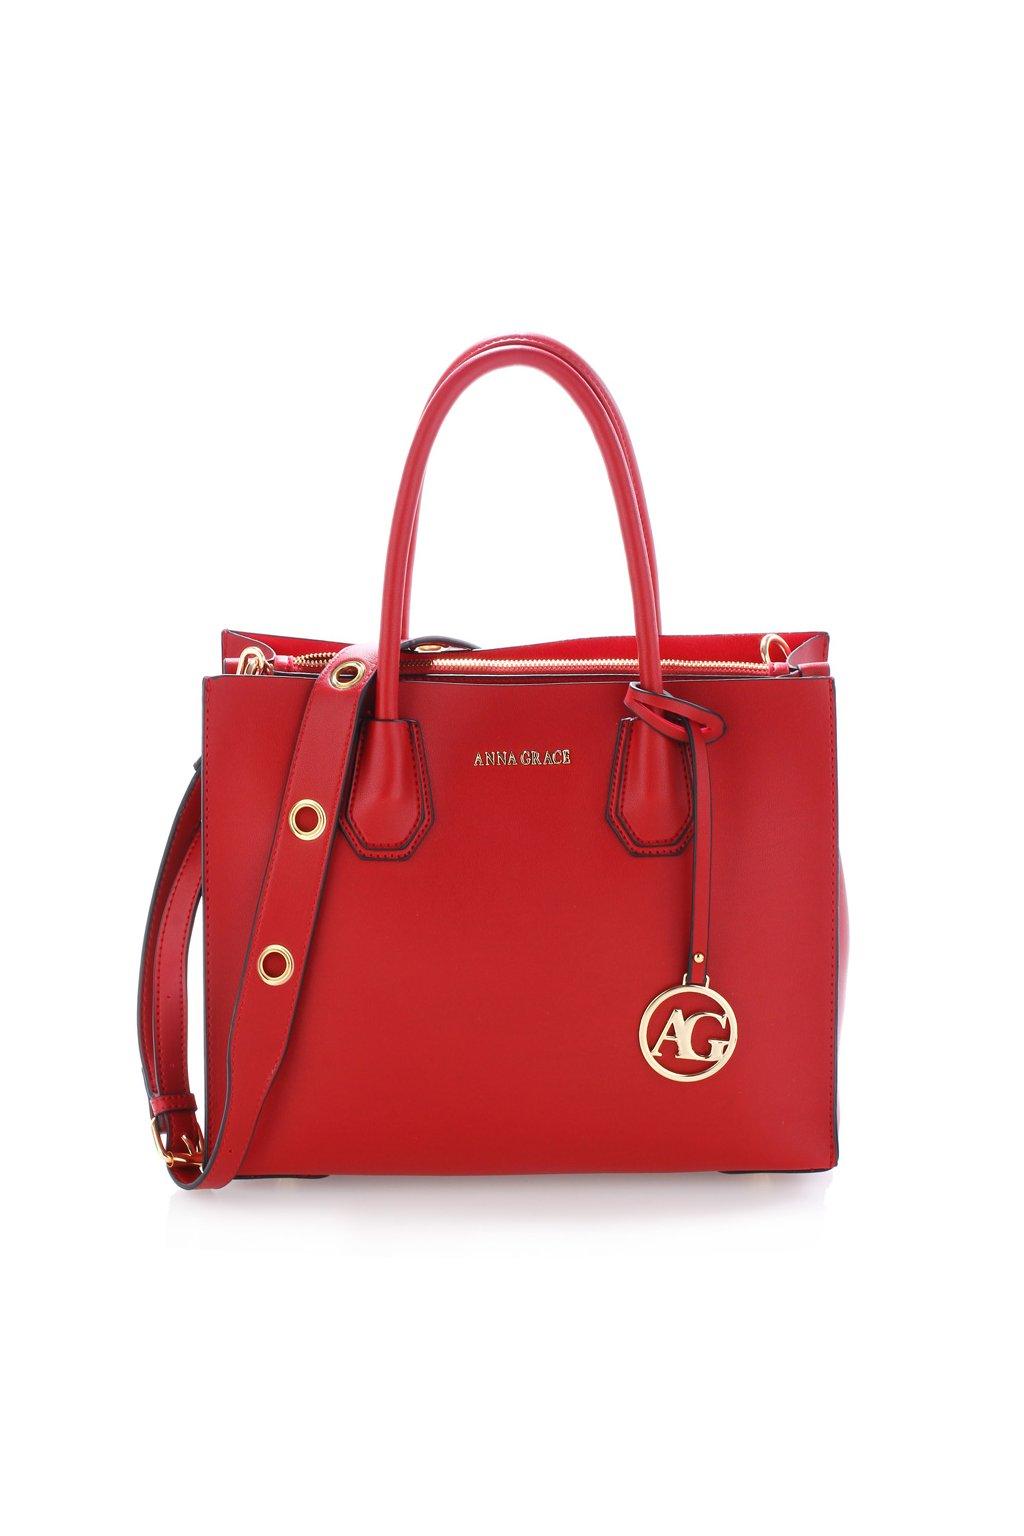 Bordová kabelka do ruky Chloe AG00559  440ea3d7f1d